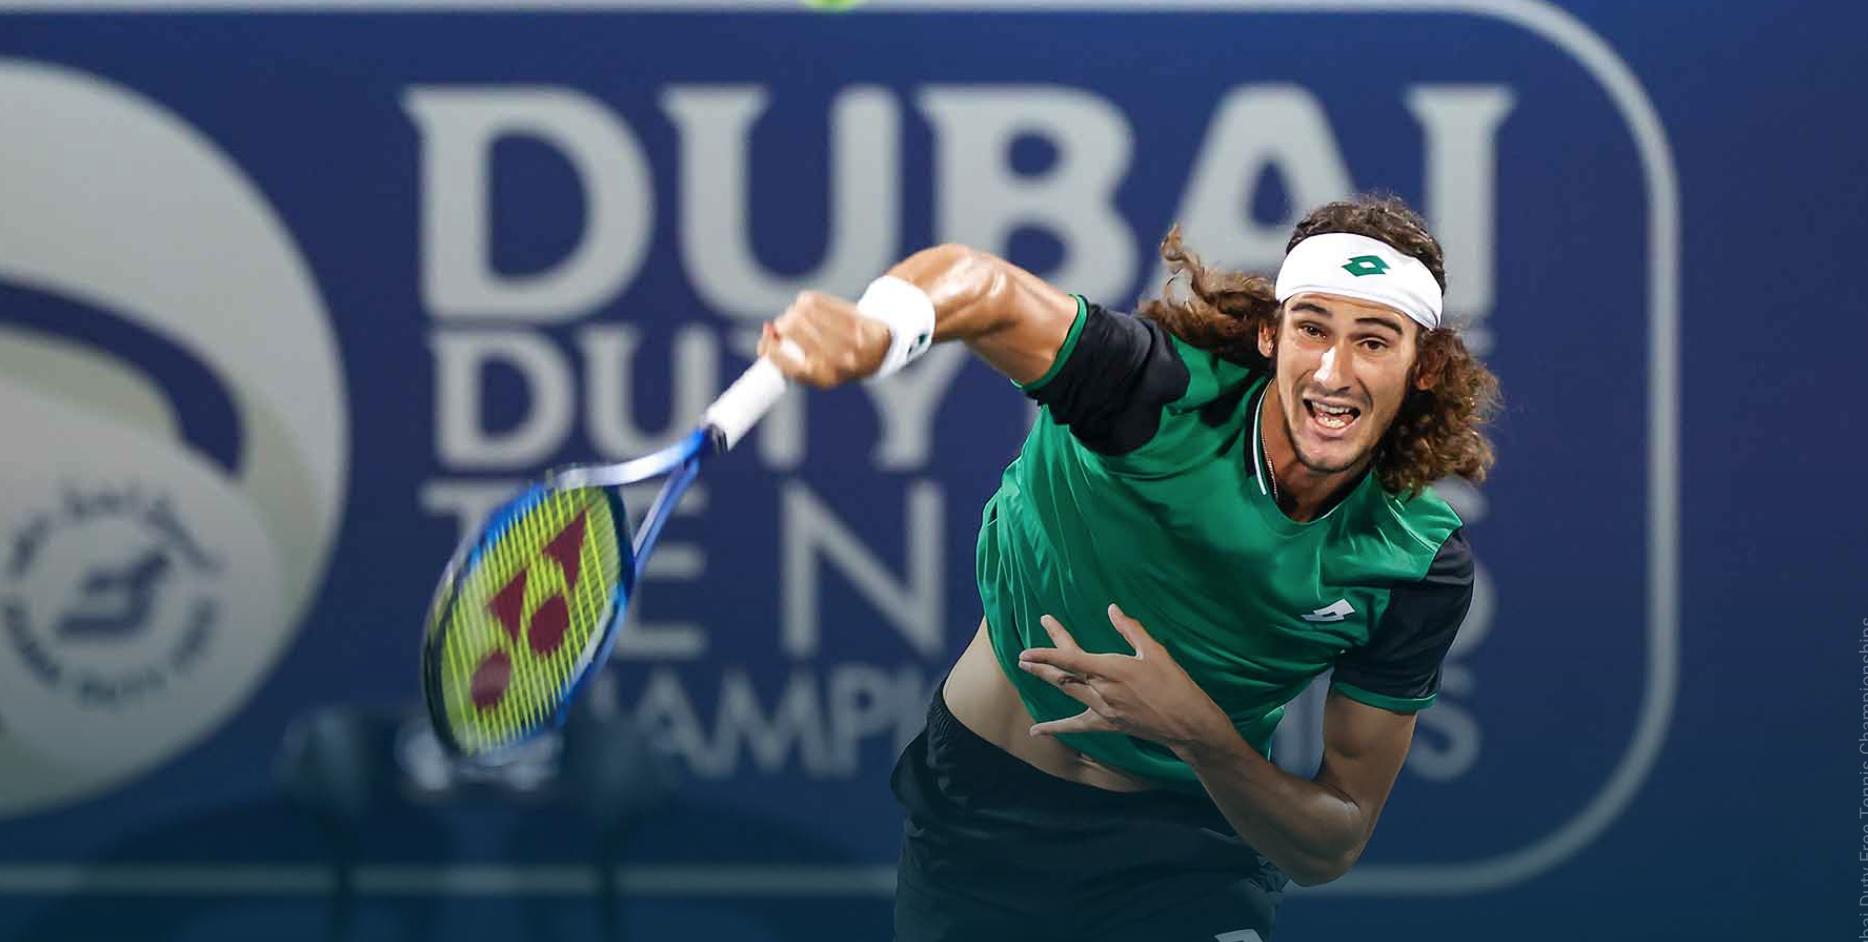 Harris marches into semi-finals in Dubai